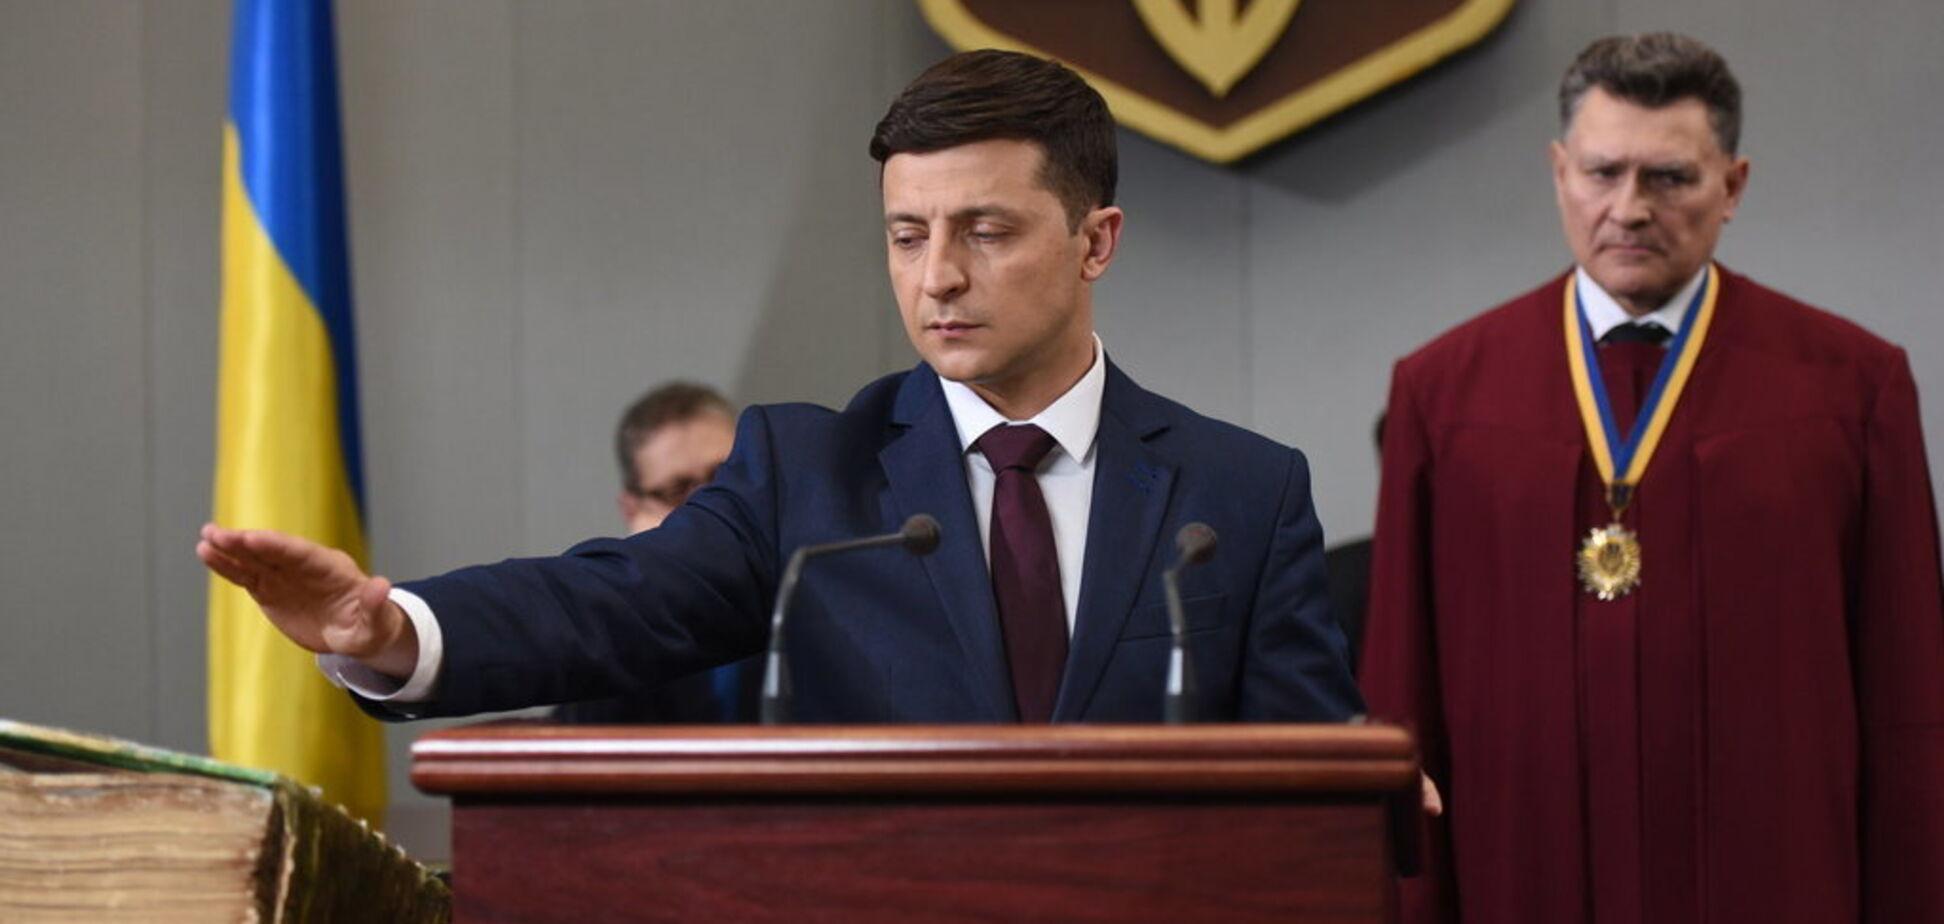 Розпуск Ради і повний аудит: українці озвучили Зеленському першочергові завдання